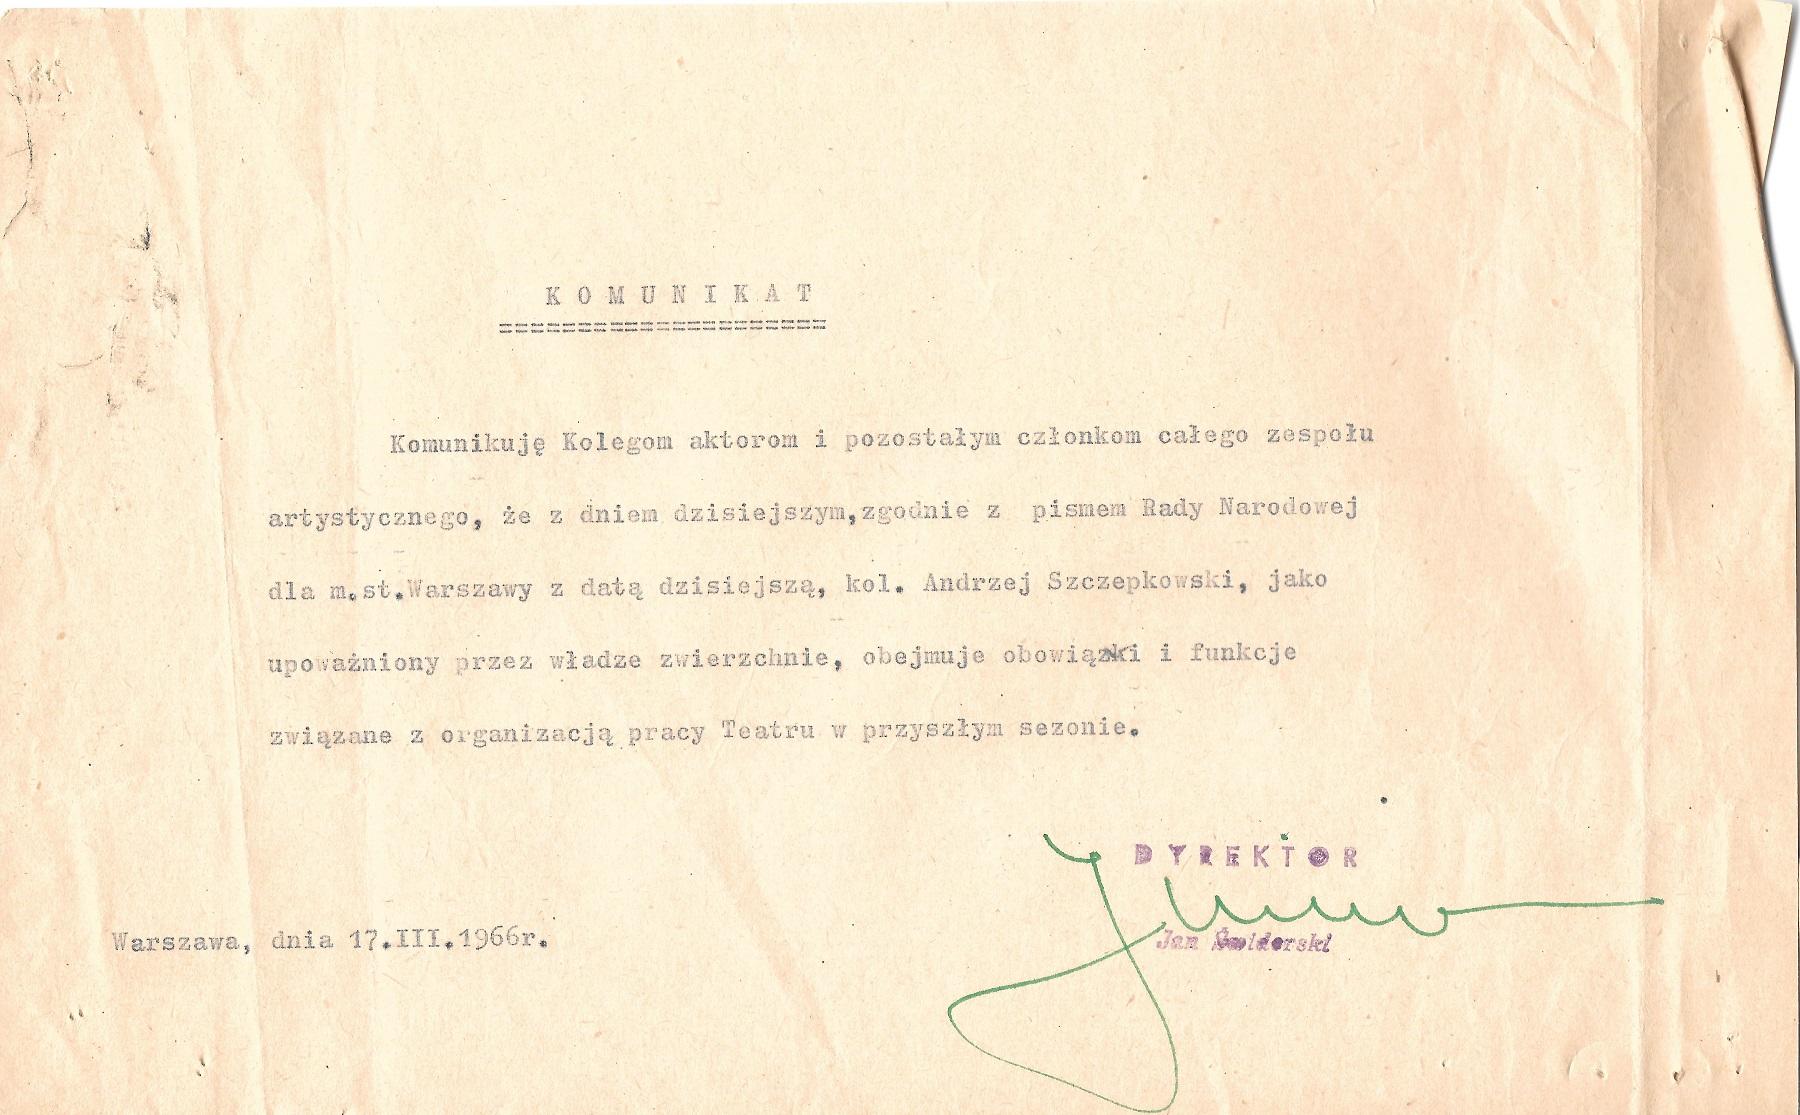 Dokument z archiwum zakładowego Teatru Dramatycznego